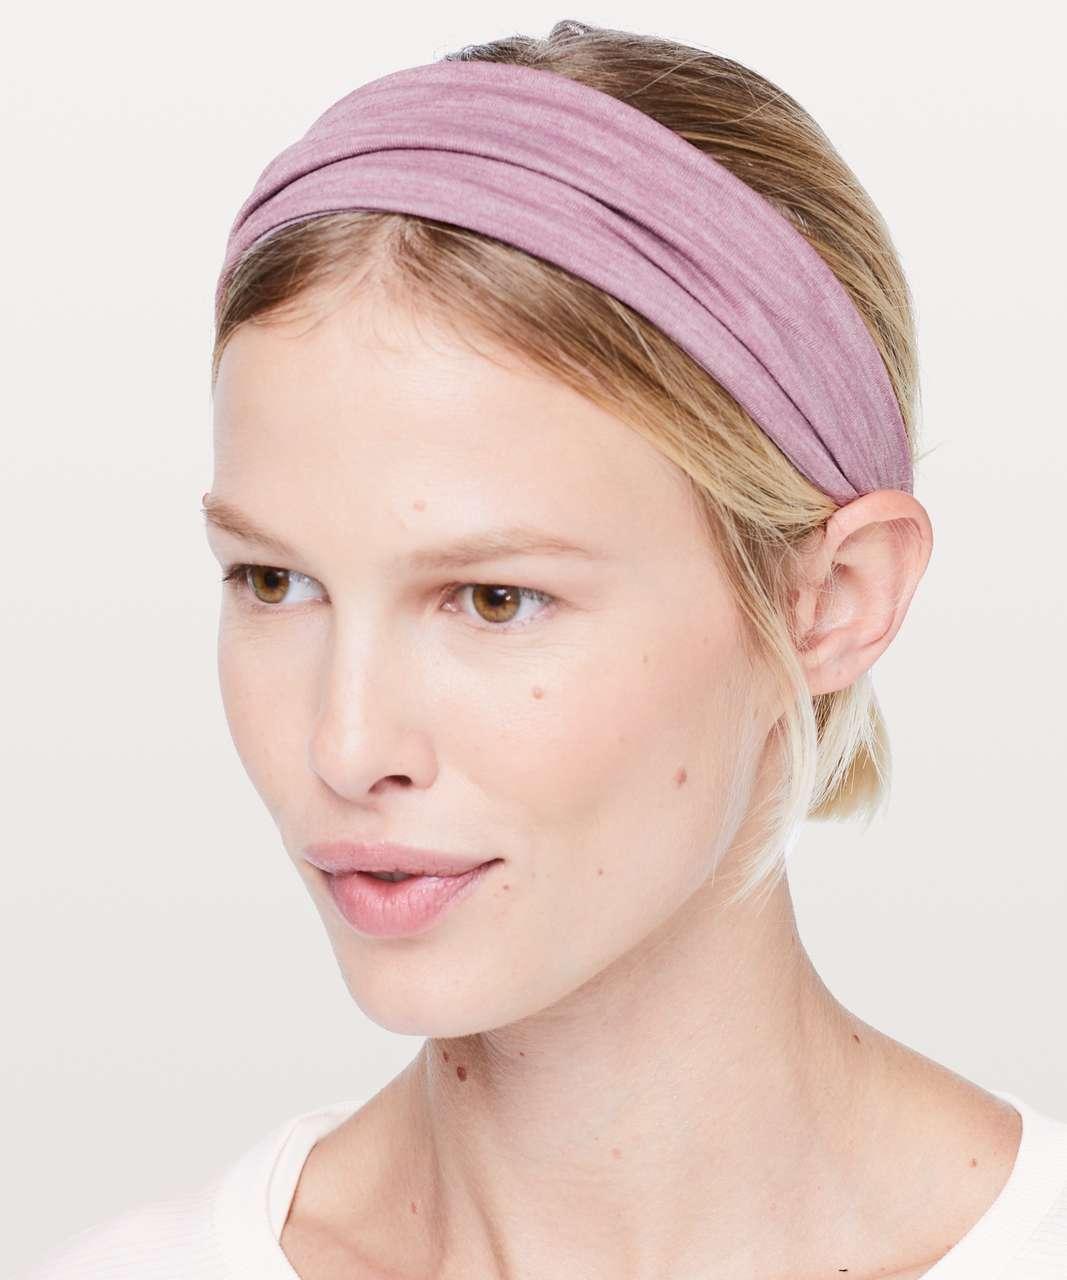 Lululemon Fringe Fighter Headband - Heathered Antoinette / Heathered Figue